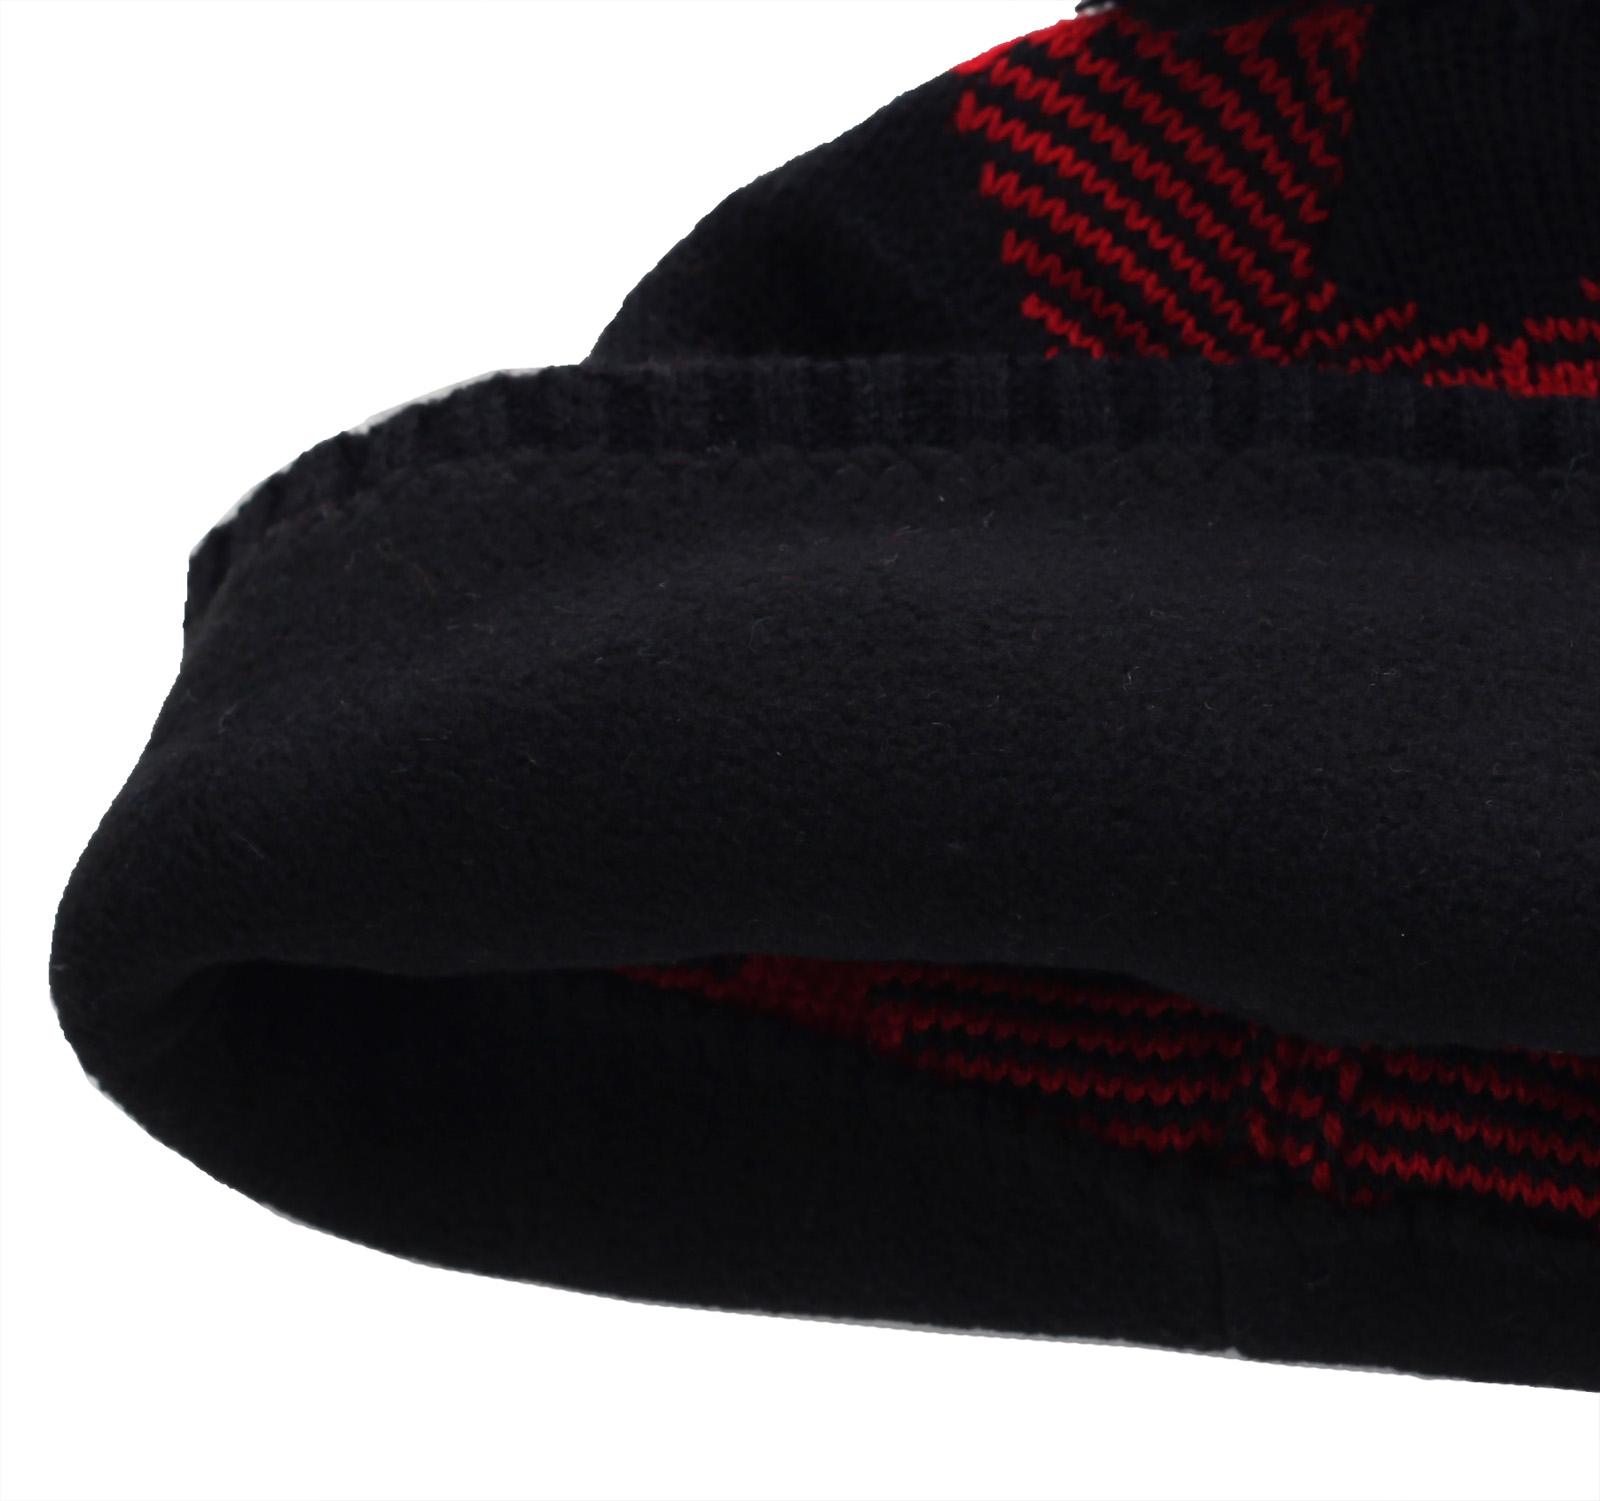 Купить молодежную элегантная шапку в шотландском стиле – хит сезона с флисом по лучшей цене